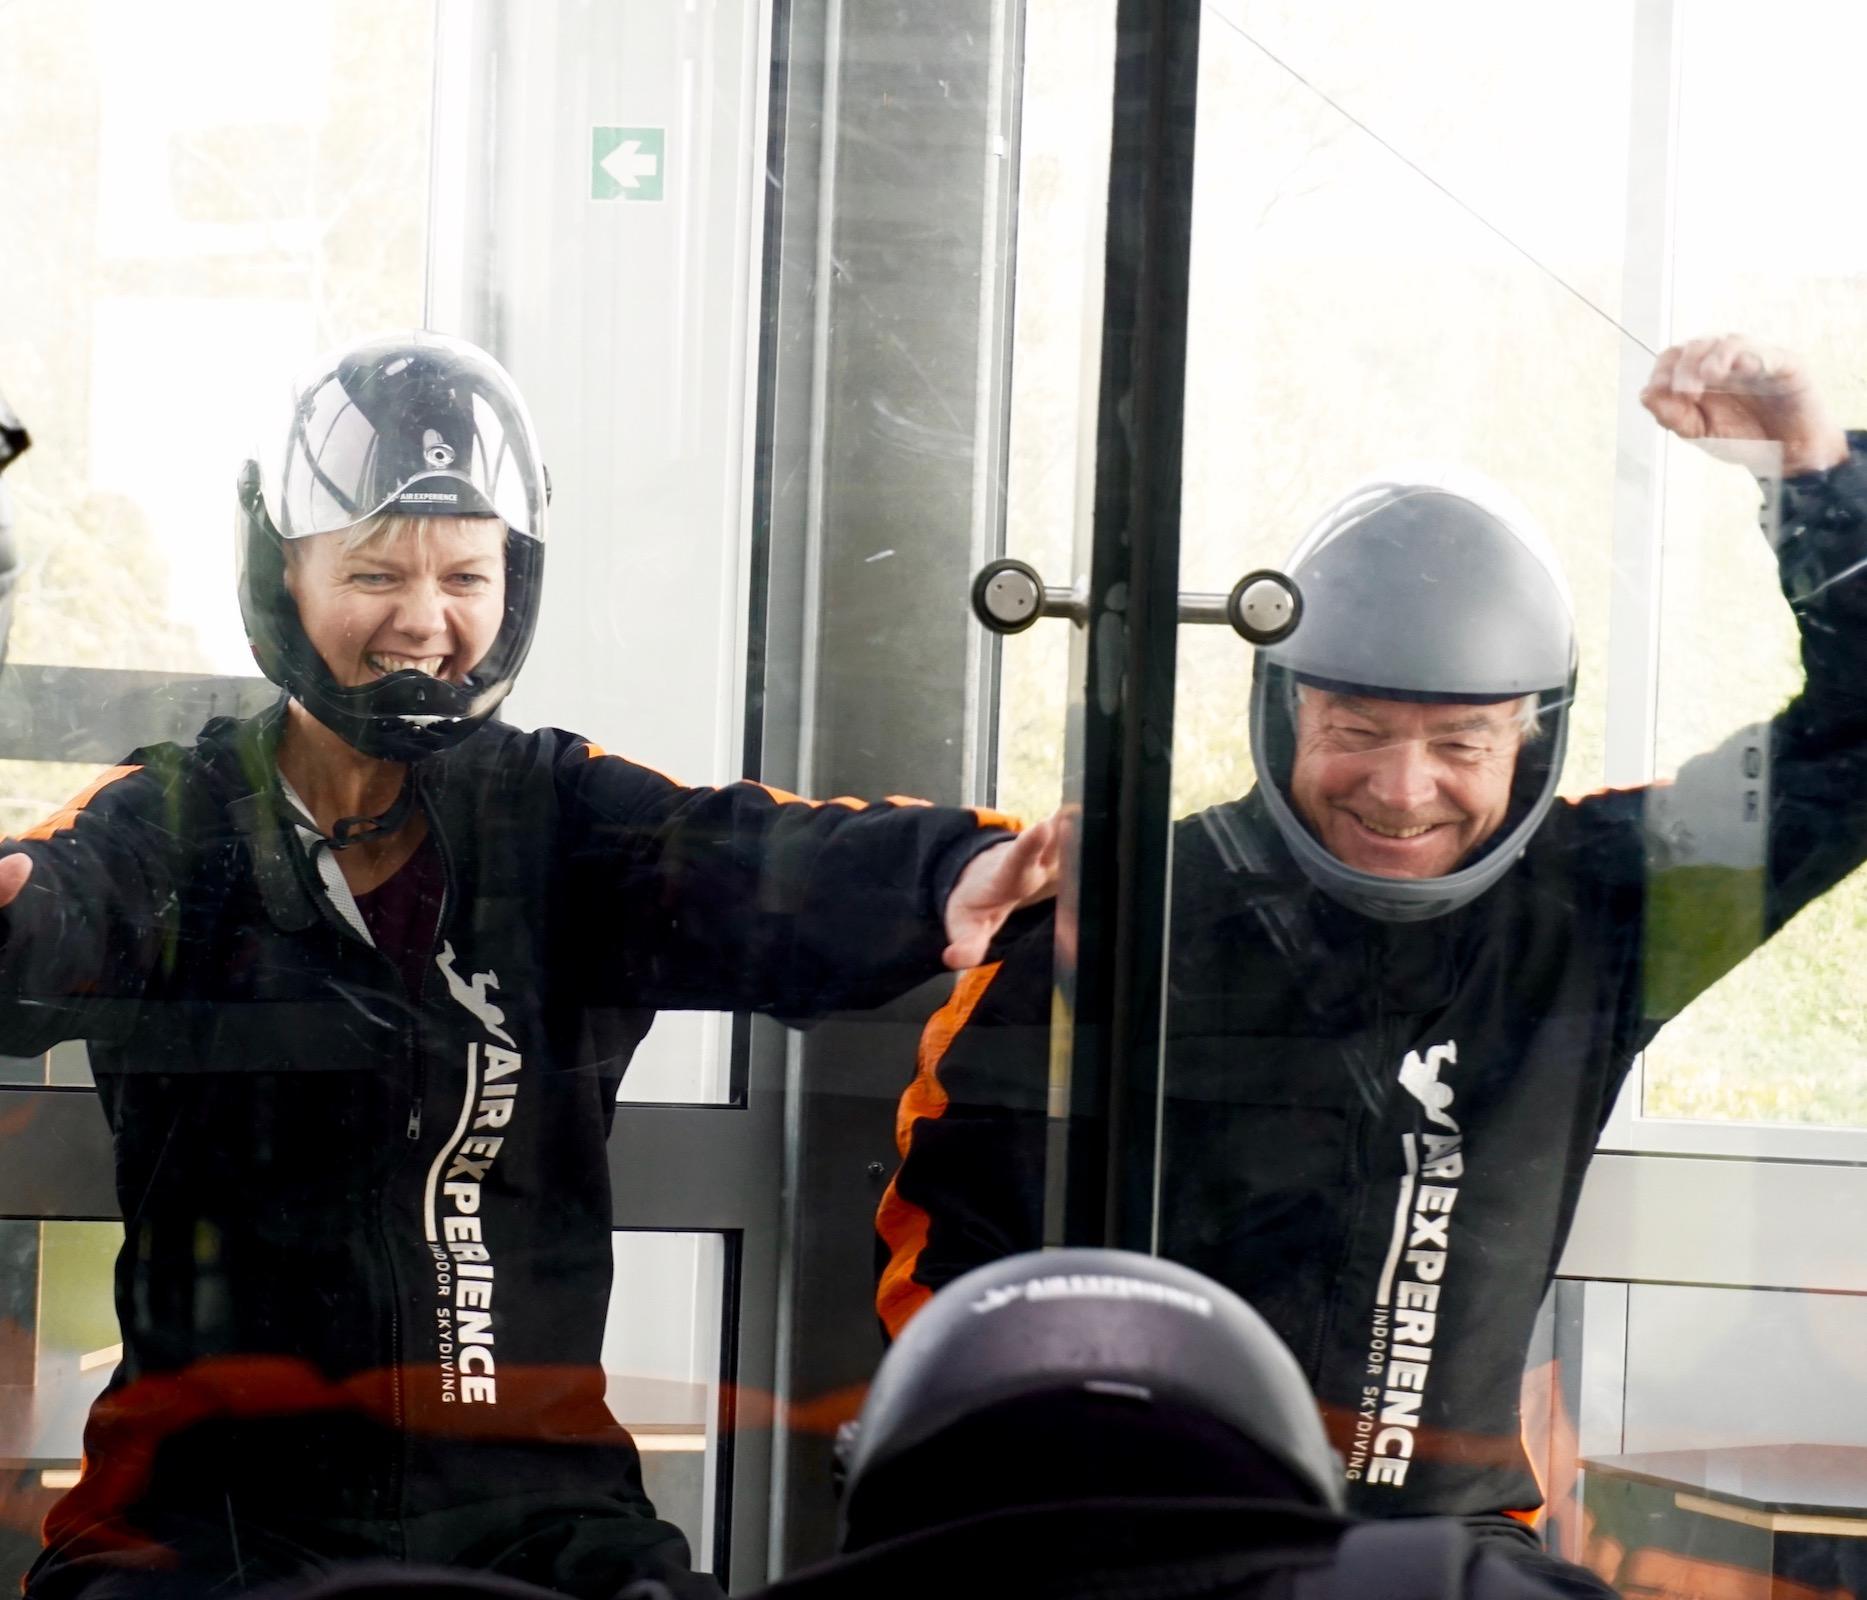 oplevelsesrigt firmaevent - flyv indoor skydiving og mærk adrenalinen